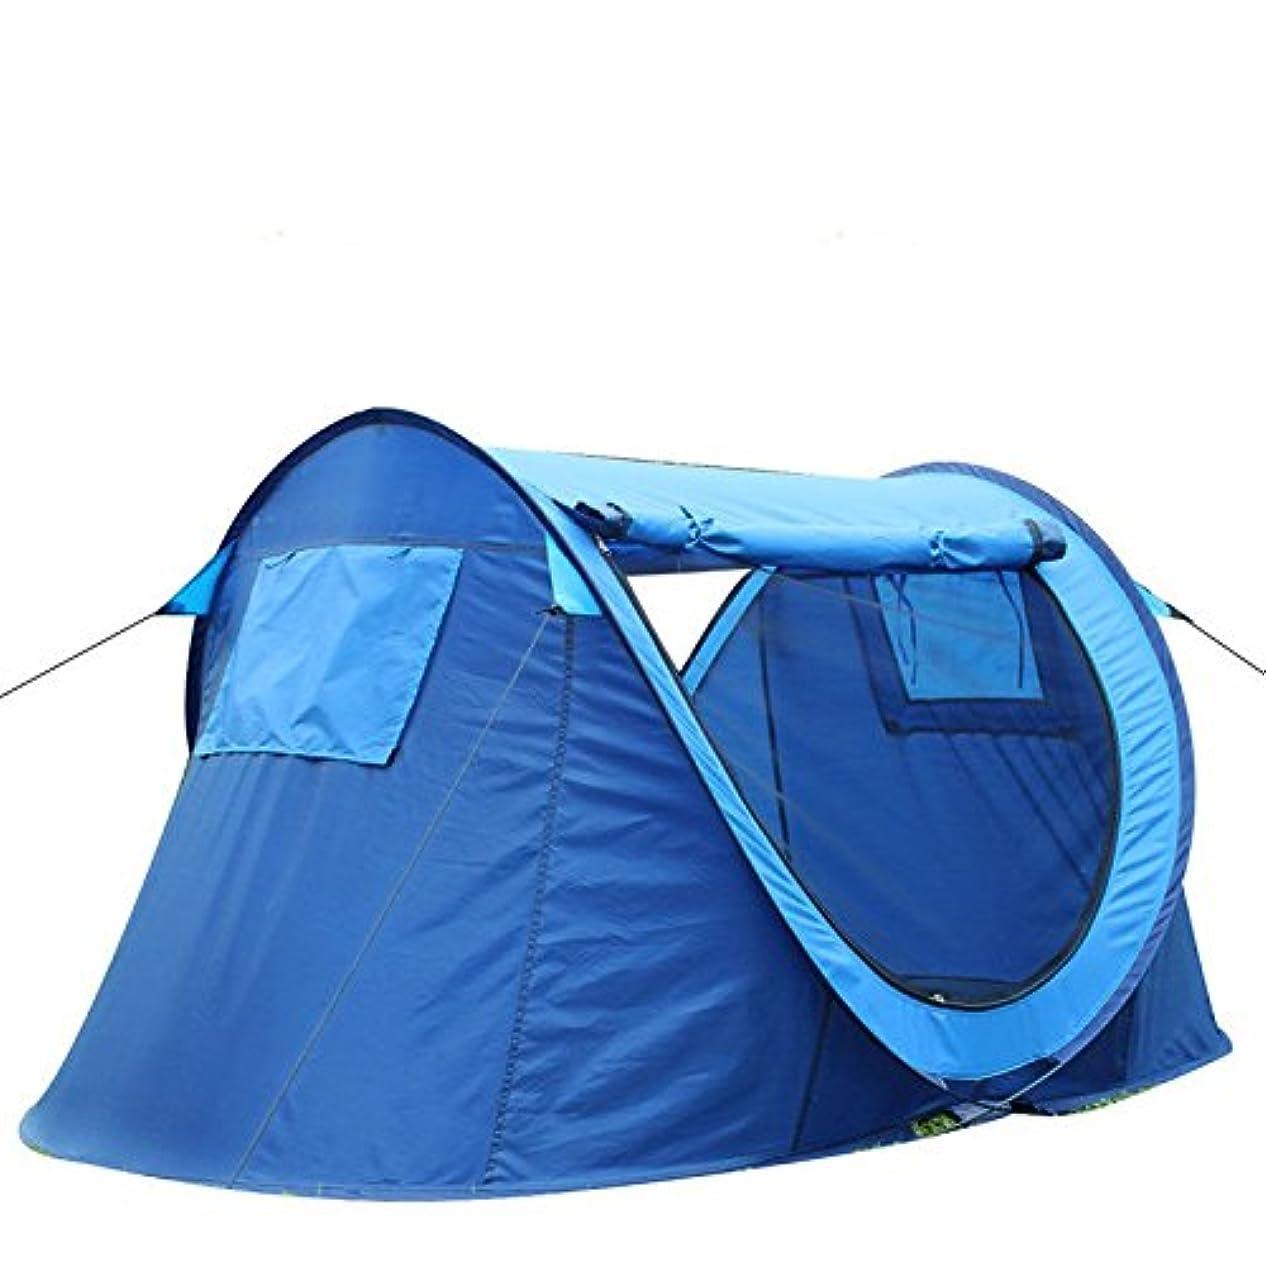 エラー引数あるOpliy 2-3人用ビーチキャンプ用テント、自動テント、釣り用テント、日除け用テント、強力な換気、広いスペース、蚊取りおよび昆虫 品質保証 (Color : ブルー)